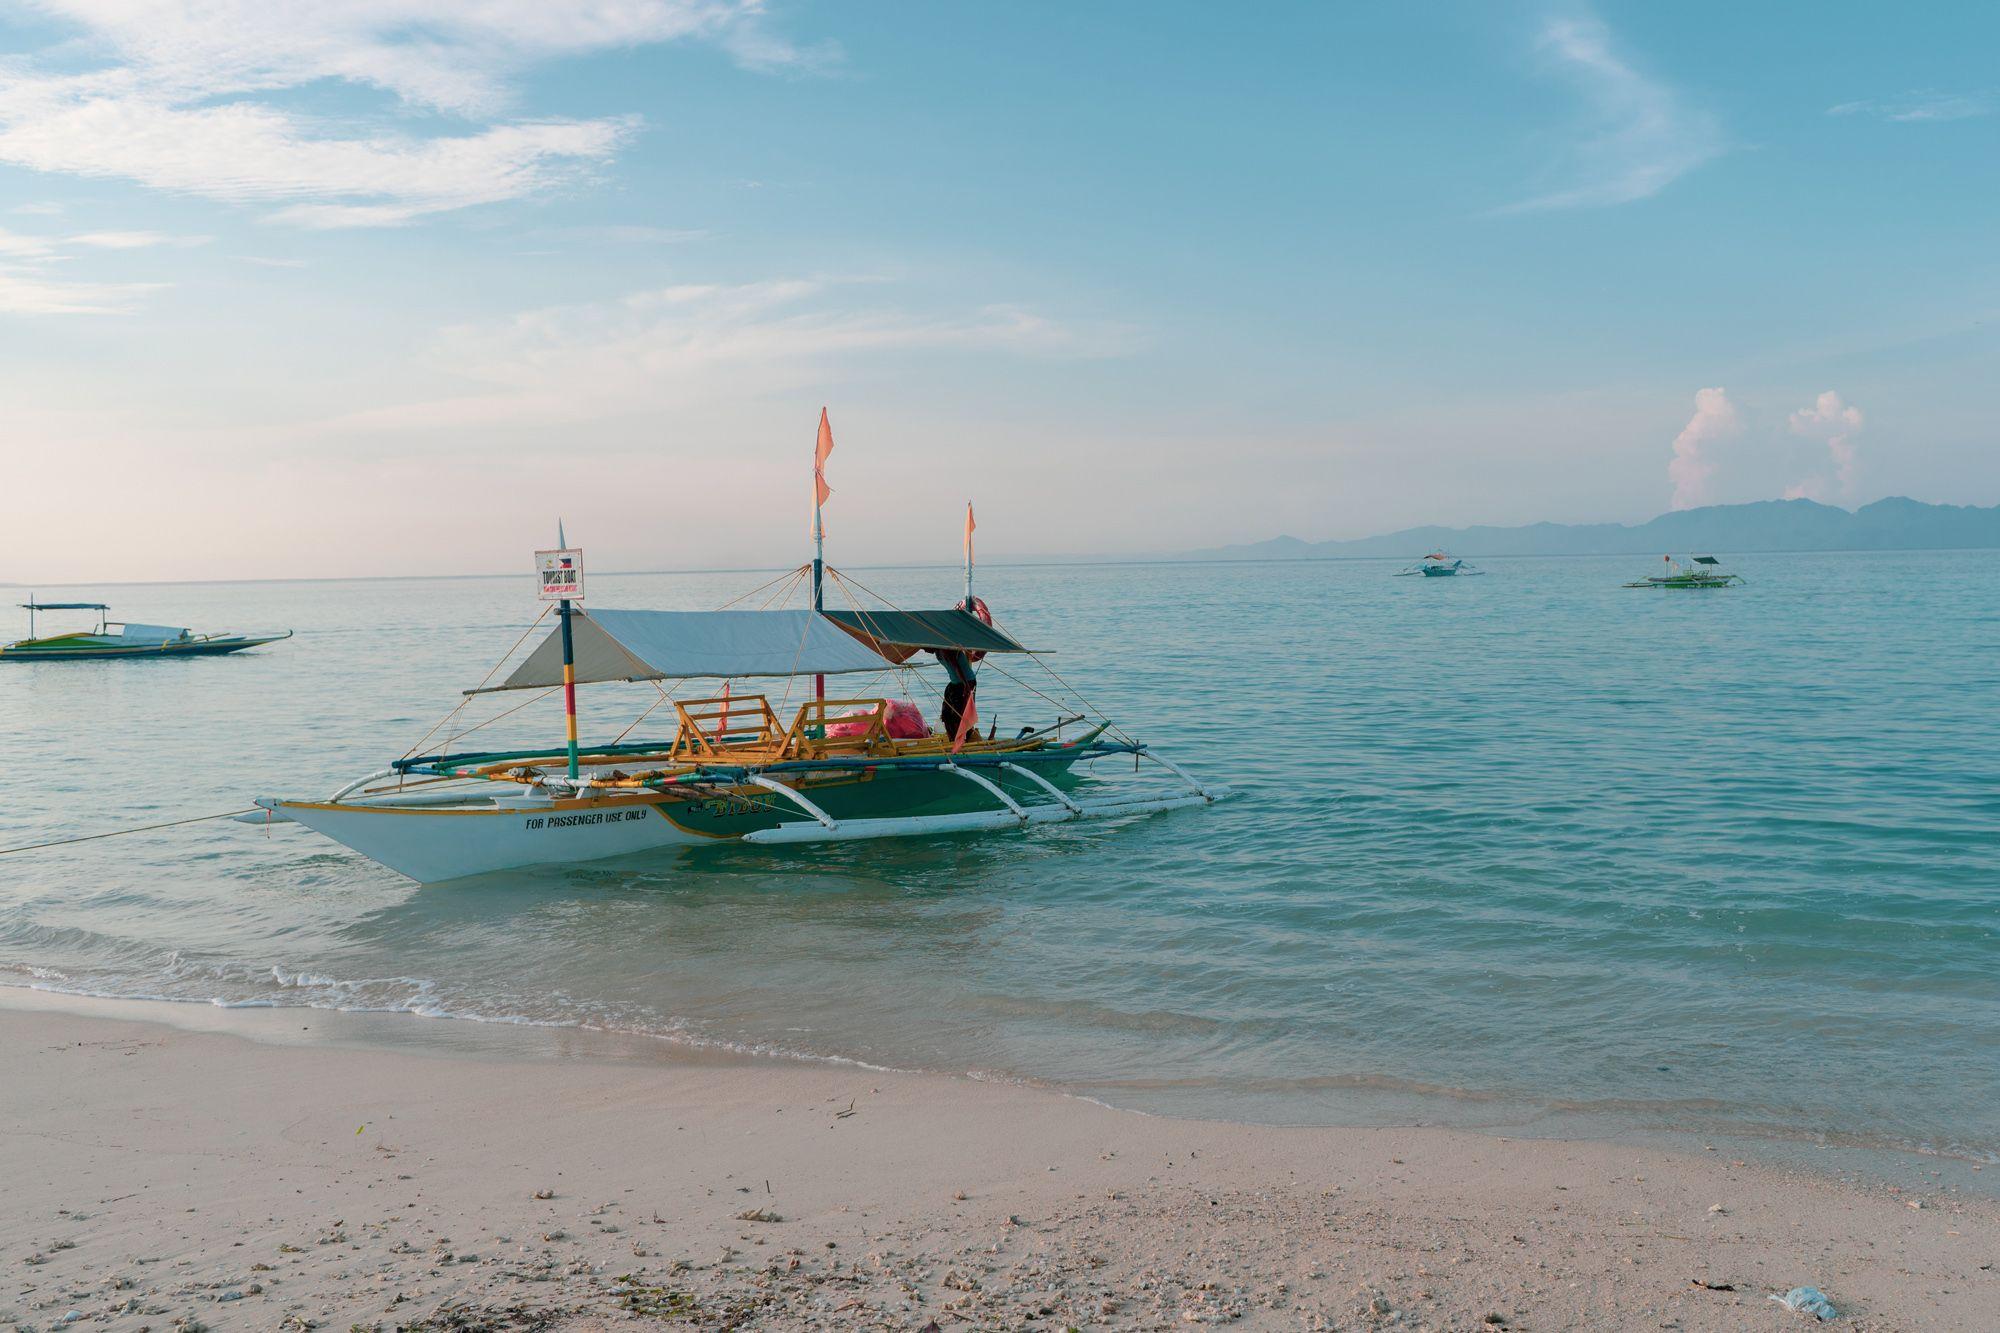 Storia di un festival nelle Filippine dove non incontrerete nessuno (ed è il suo bello)